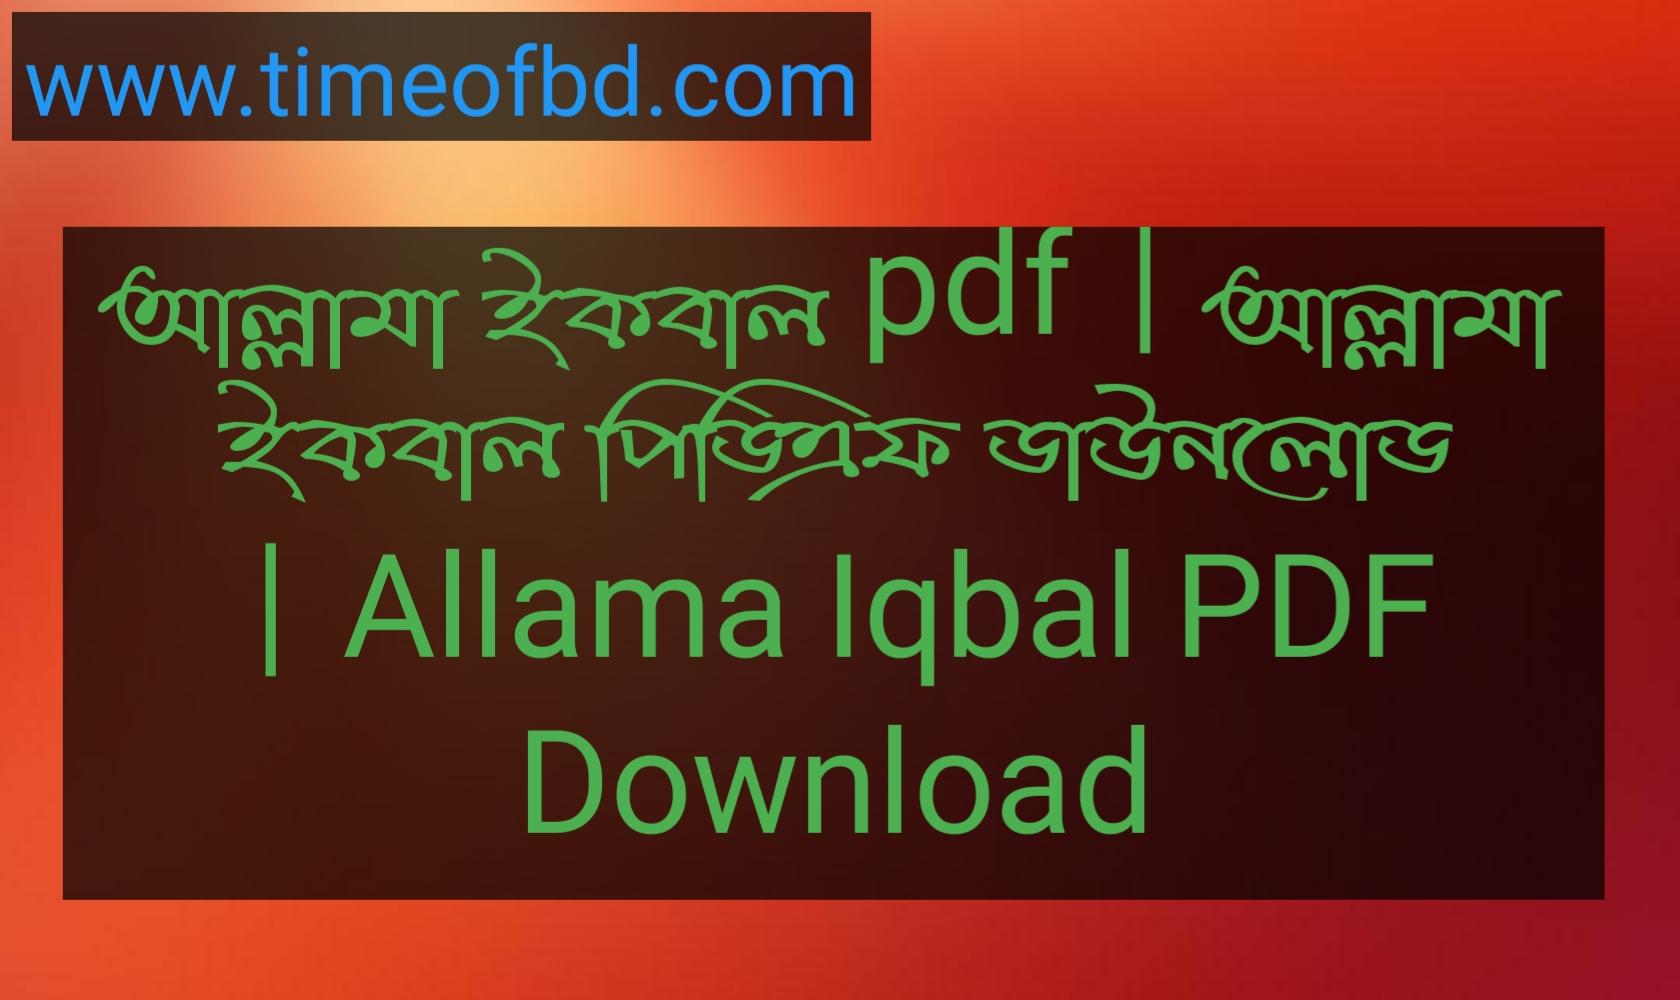 আল্লামা ইকবাল pdf, আল্লামা ইকবাল পিডিএফ ডাউনলোড, আল্লামা ইকবাল পিডিএফ, আল্লামা ইকবাল pdf download,